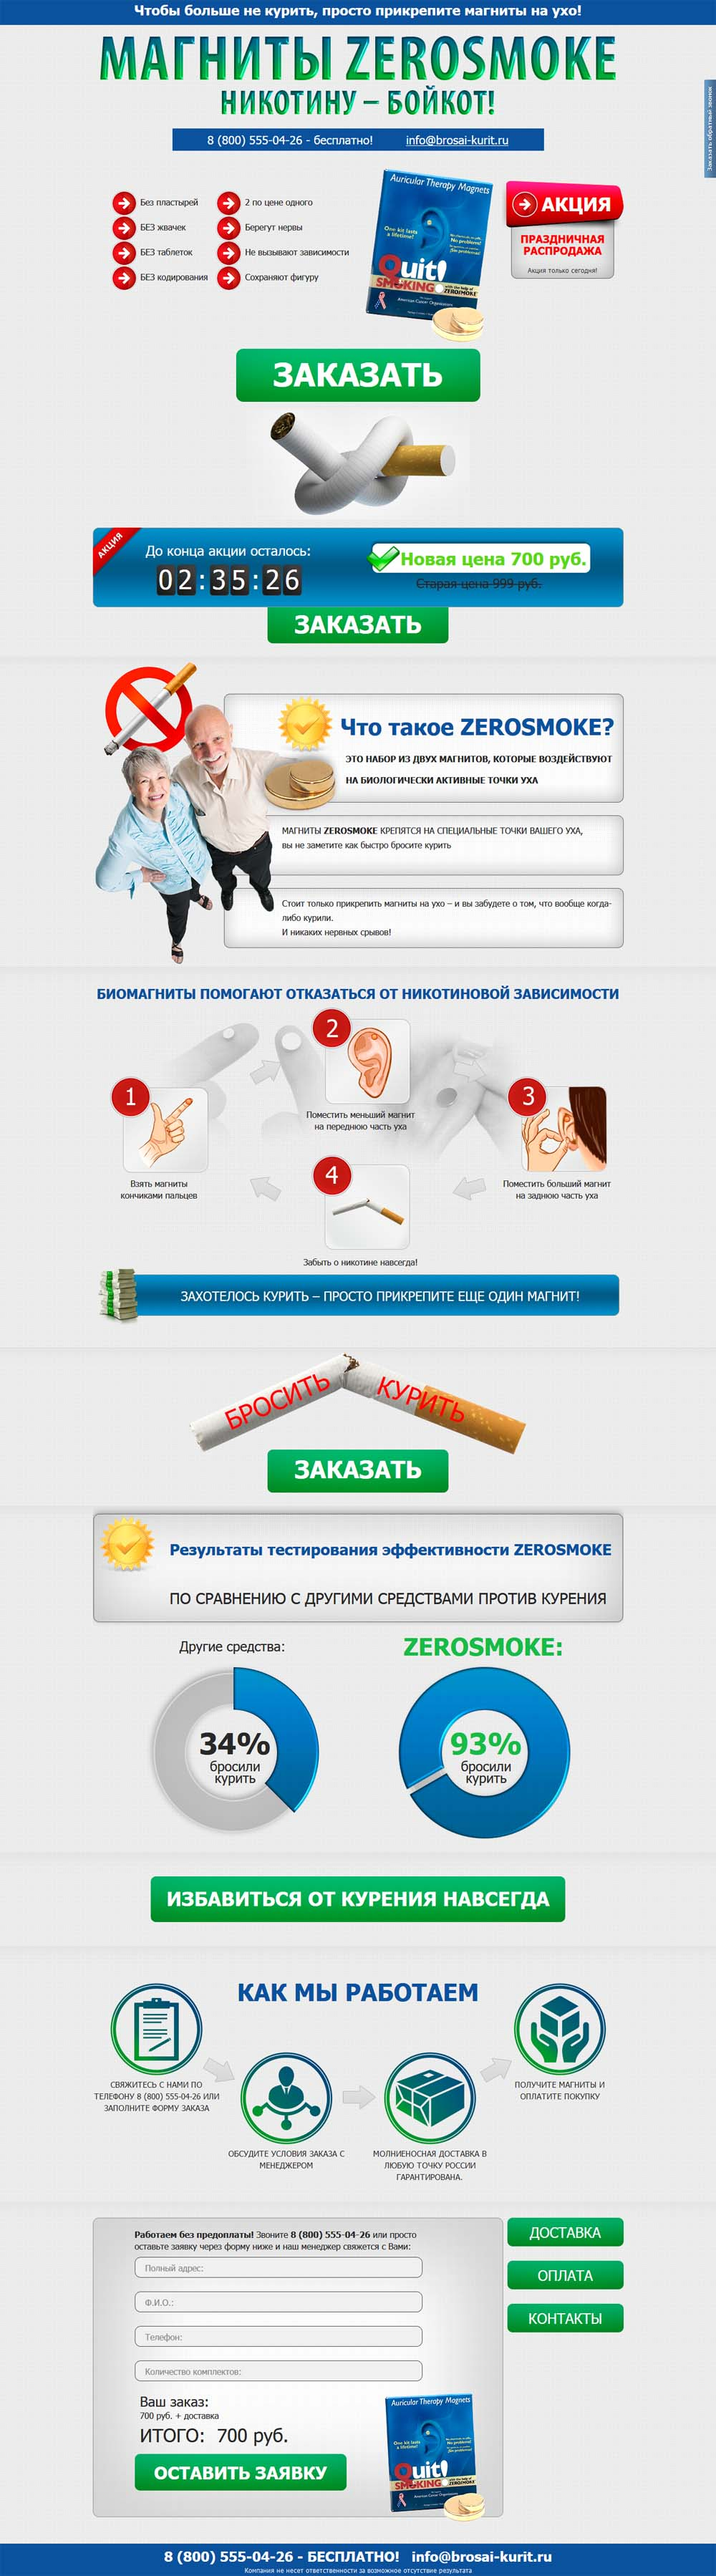 Шаблон лендинга: Биомагниты от никотиновой зависимости